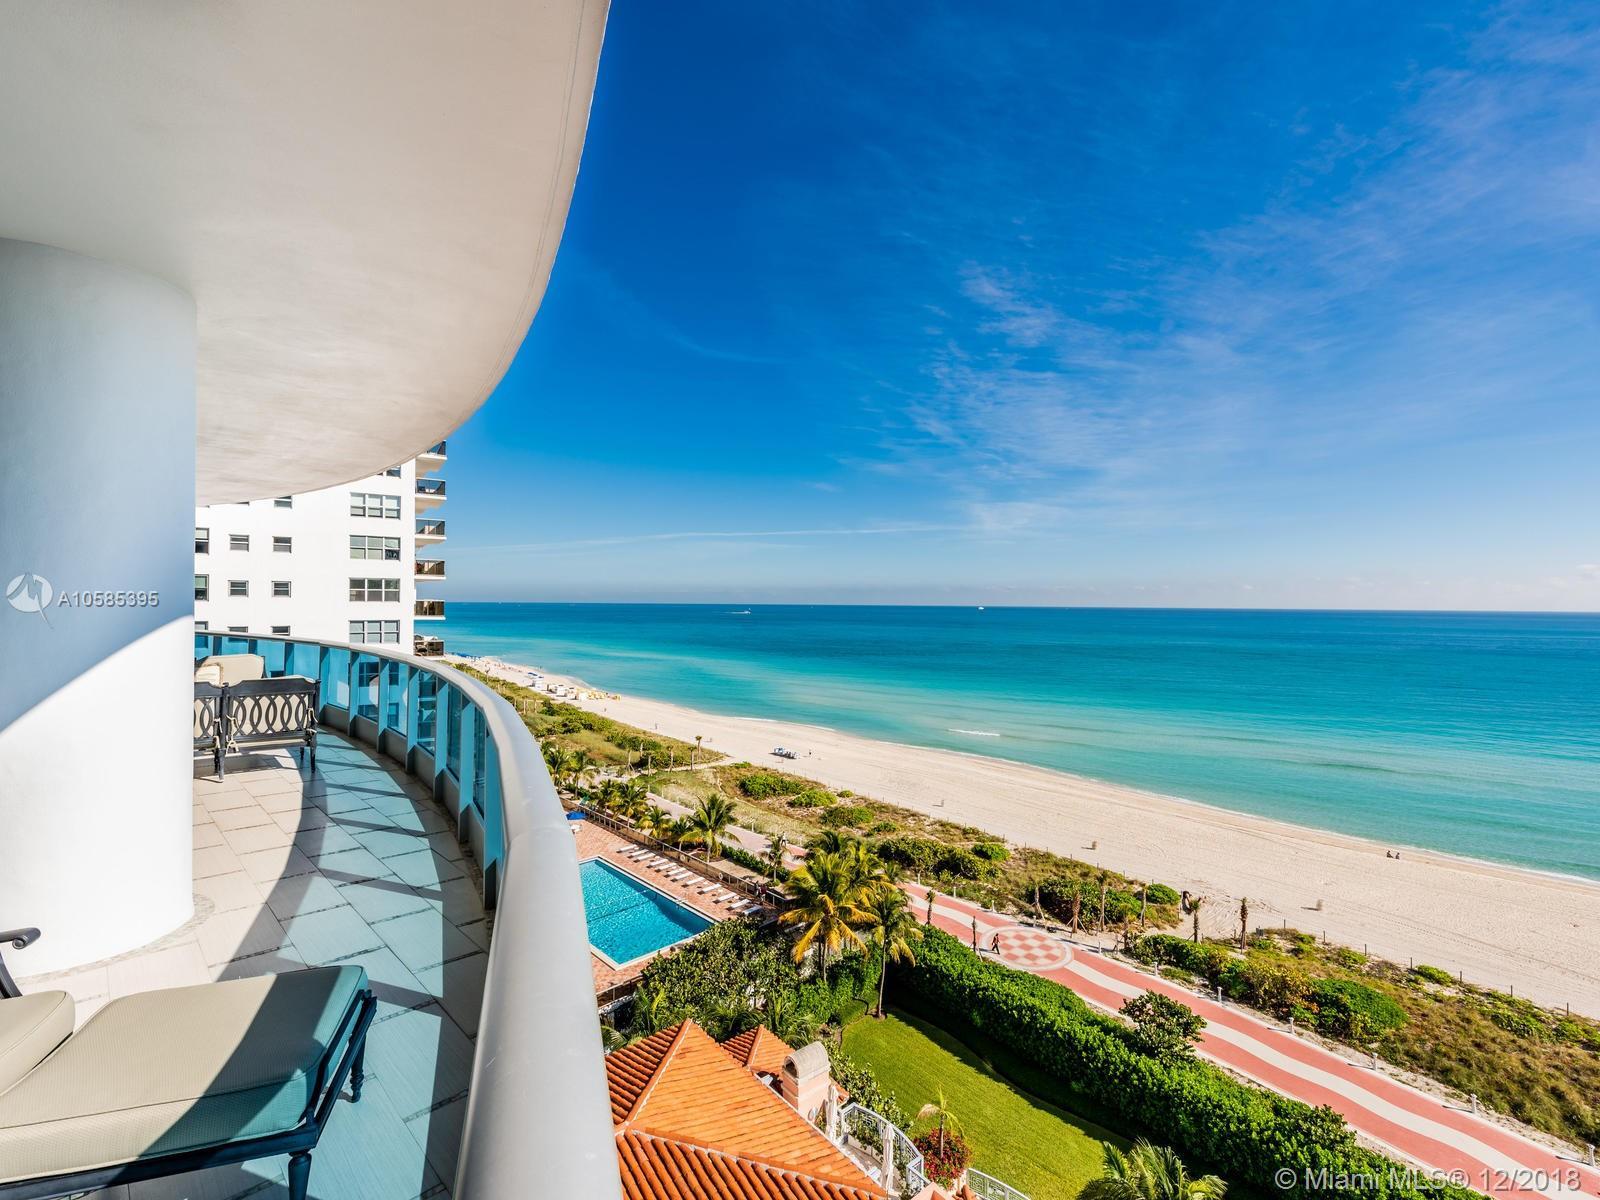 The Bath Club, 5959 E Collins Ave Unit 1107, Miami Beach, Florida 33140